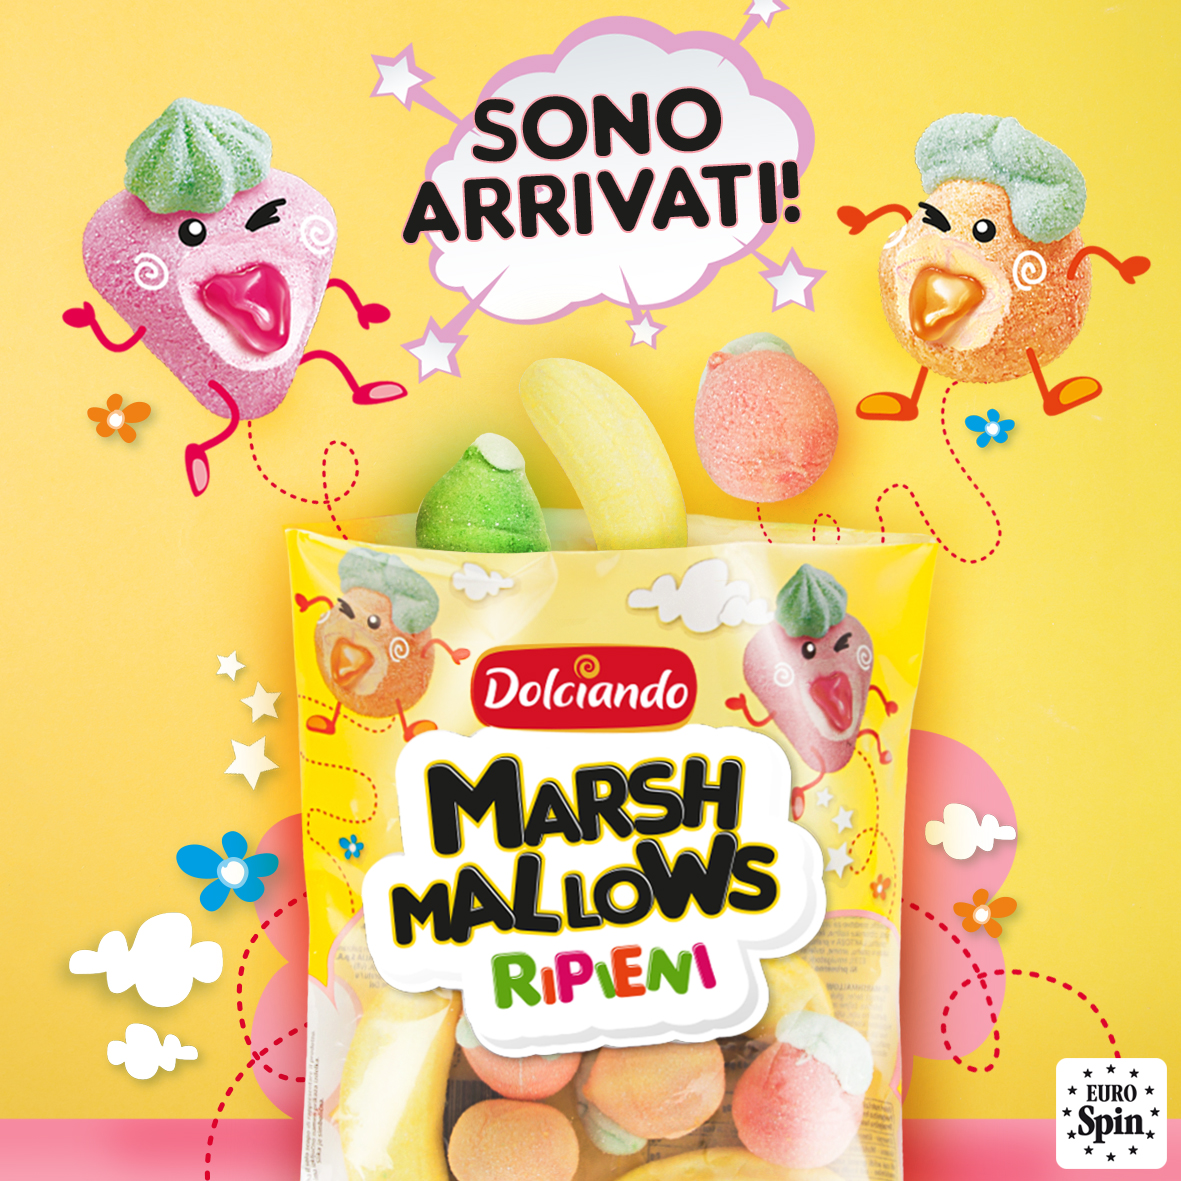 MARSH MALLOWS